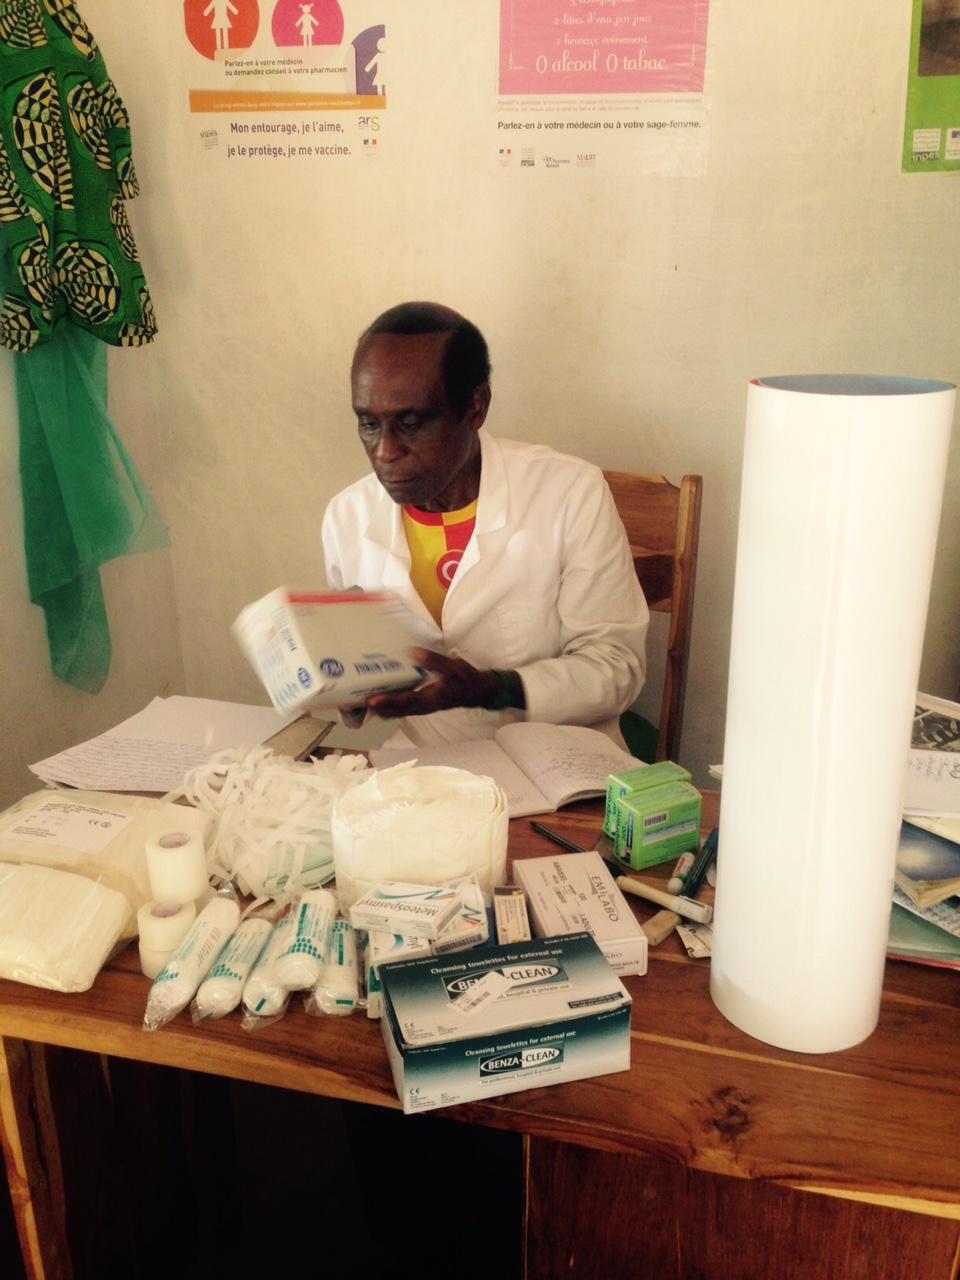 Médicaments pour l'infirmerie NouKou